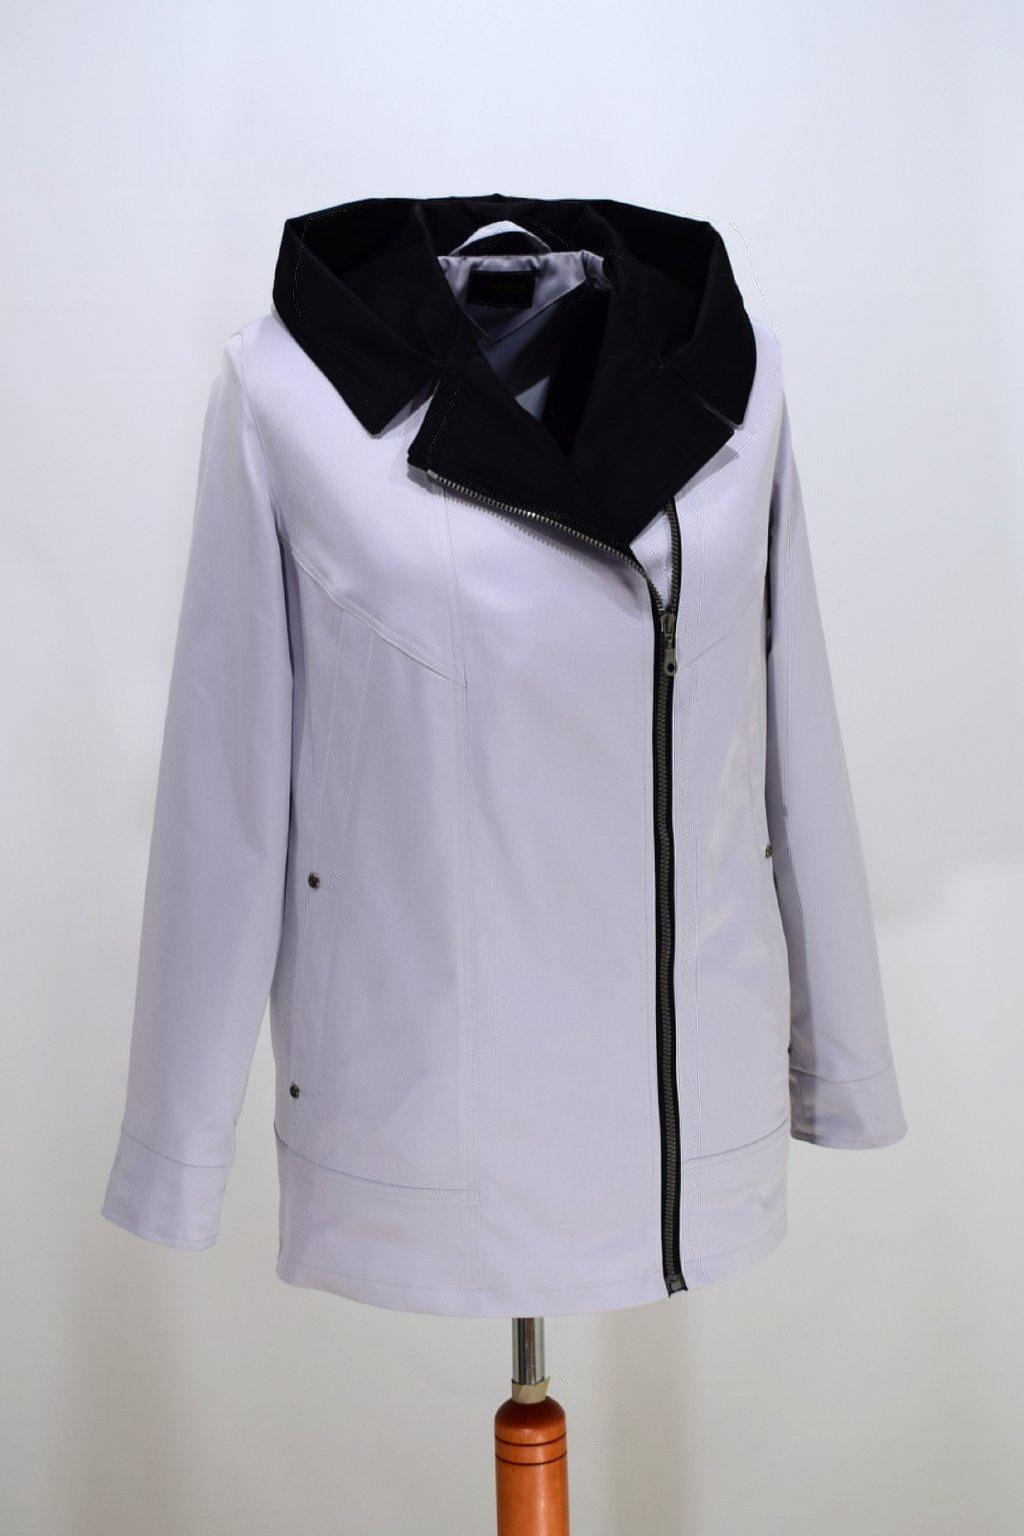 Dámská světle šedá jarní bunda Marika nadměrné velikosti.